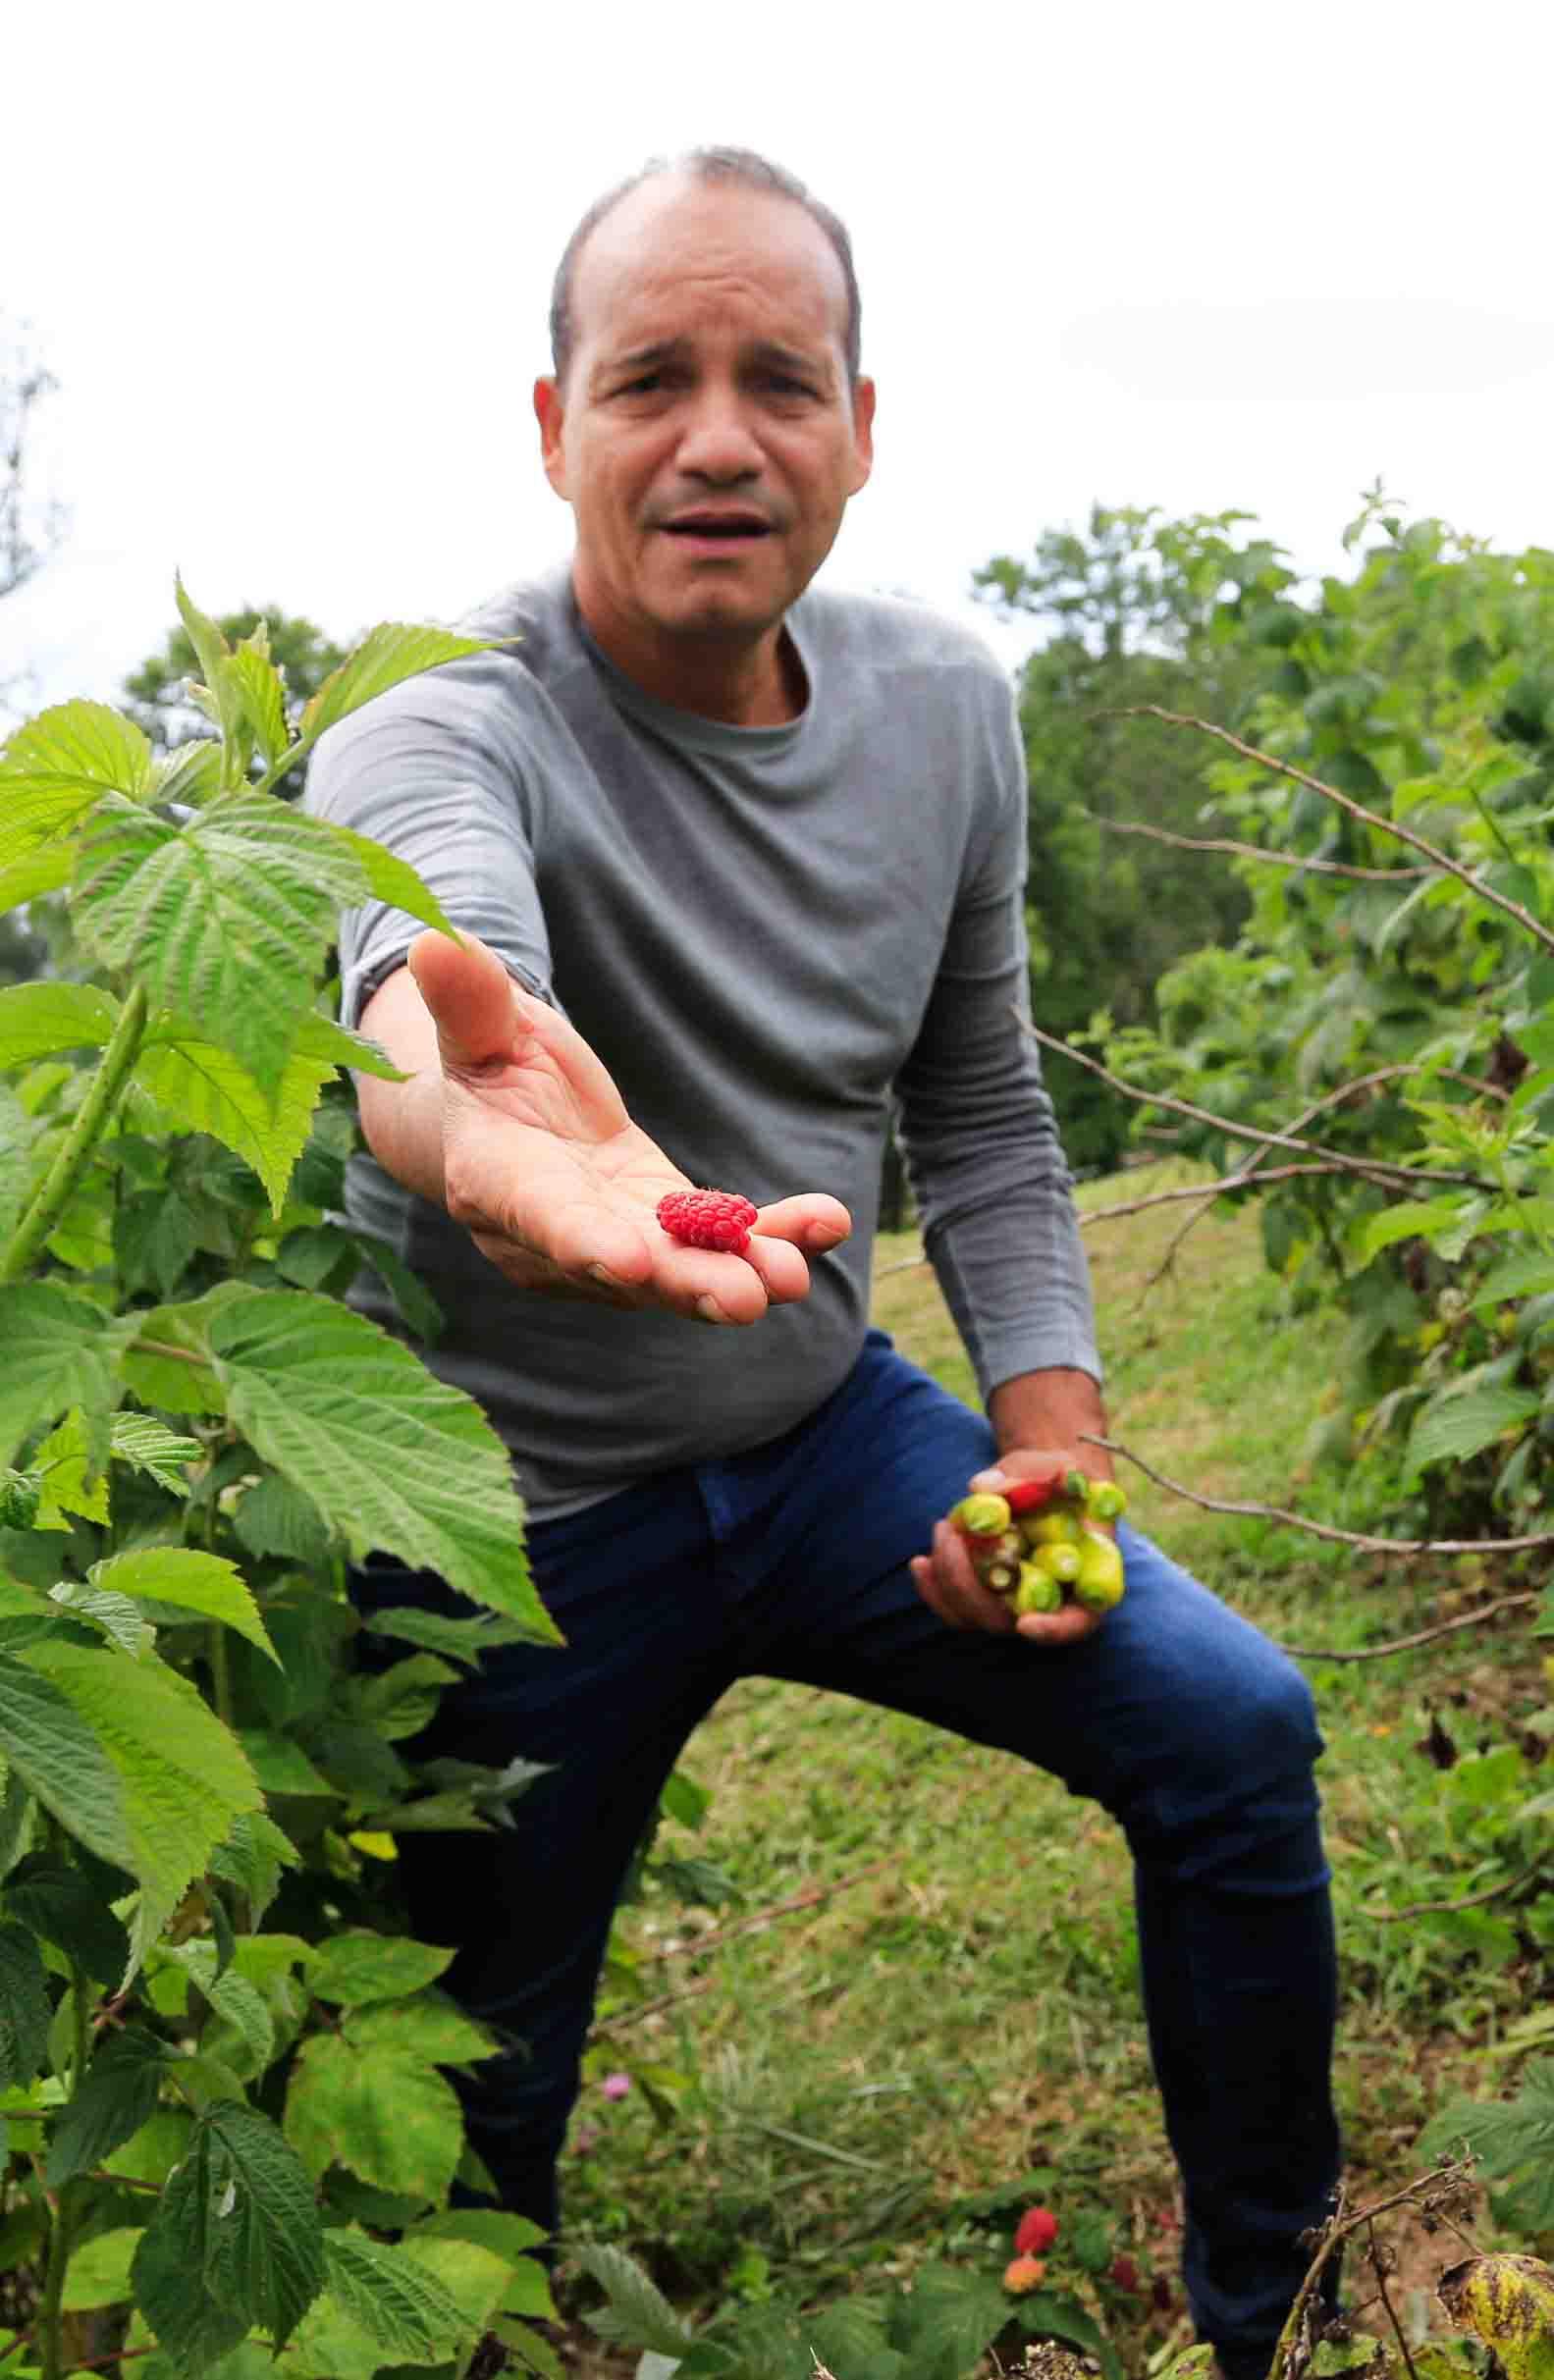 44_sharingraspberries.jpg